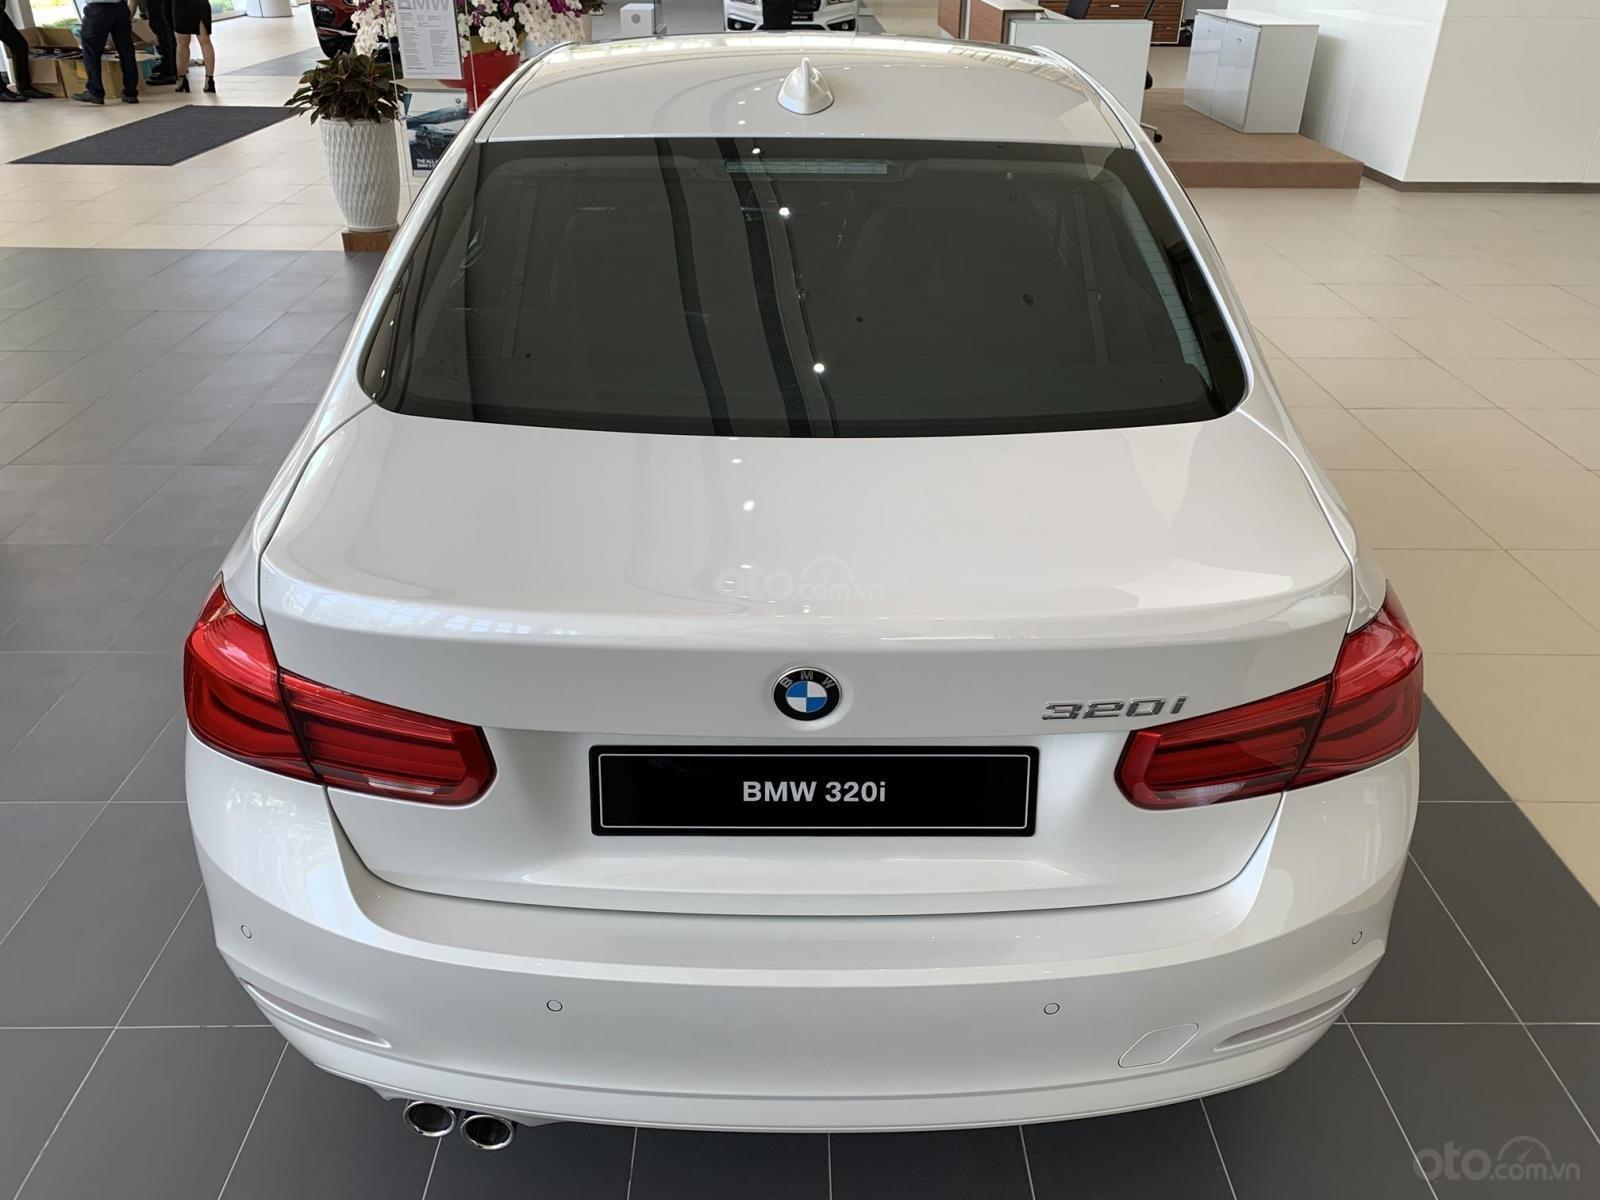 BMW 320i tặng 100% phí trước bạ, trả trước 20% nhận xe chỉ với 350 triệu, Hotline PKD - 0908 526 727 (10)